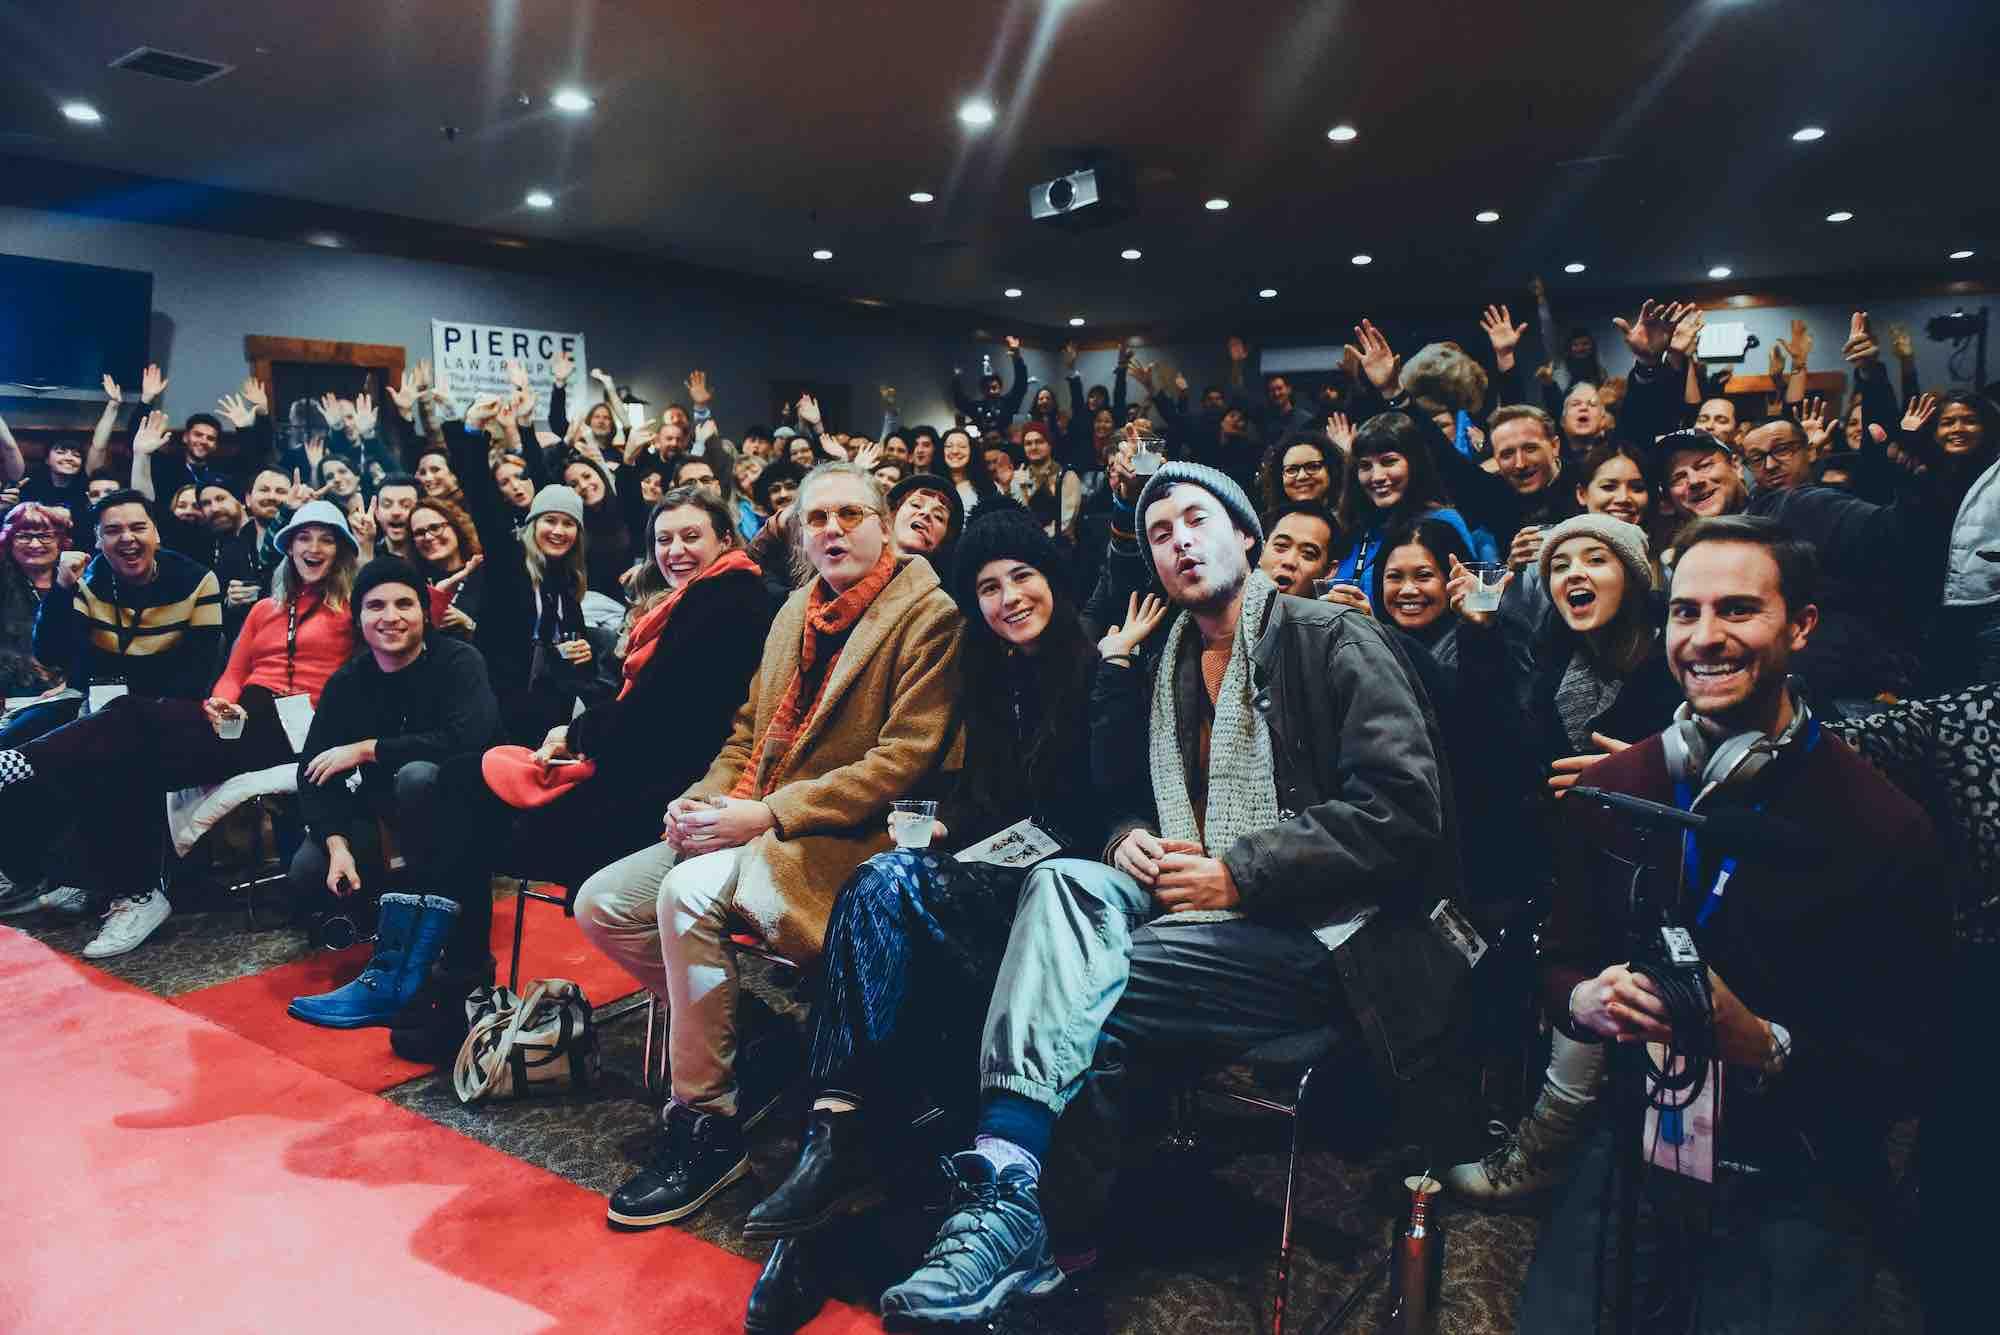 Slamdance DGA Welcome Horror Fests film festivals